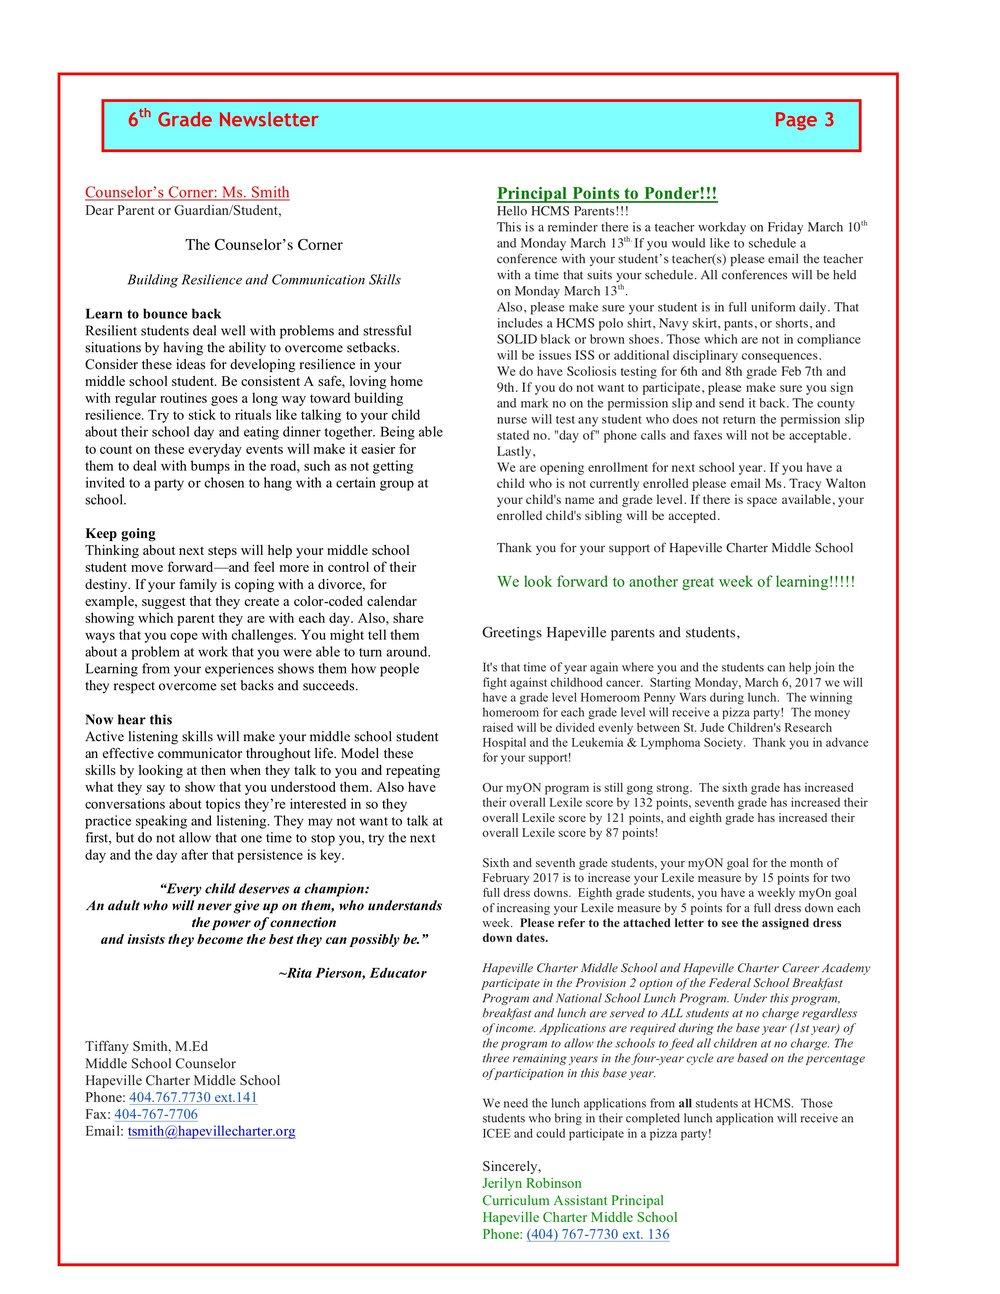 Newsletter Image6th Grade Newsletter 2-28-2017 3.jpeg